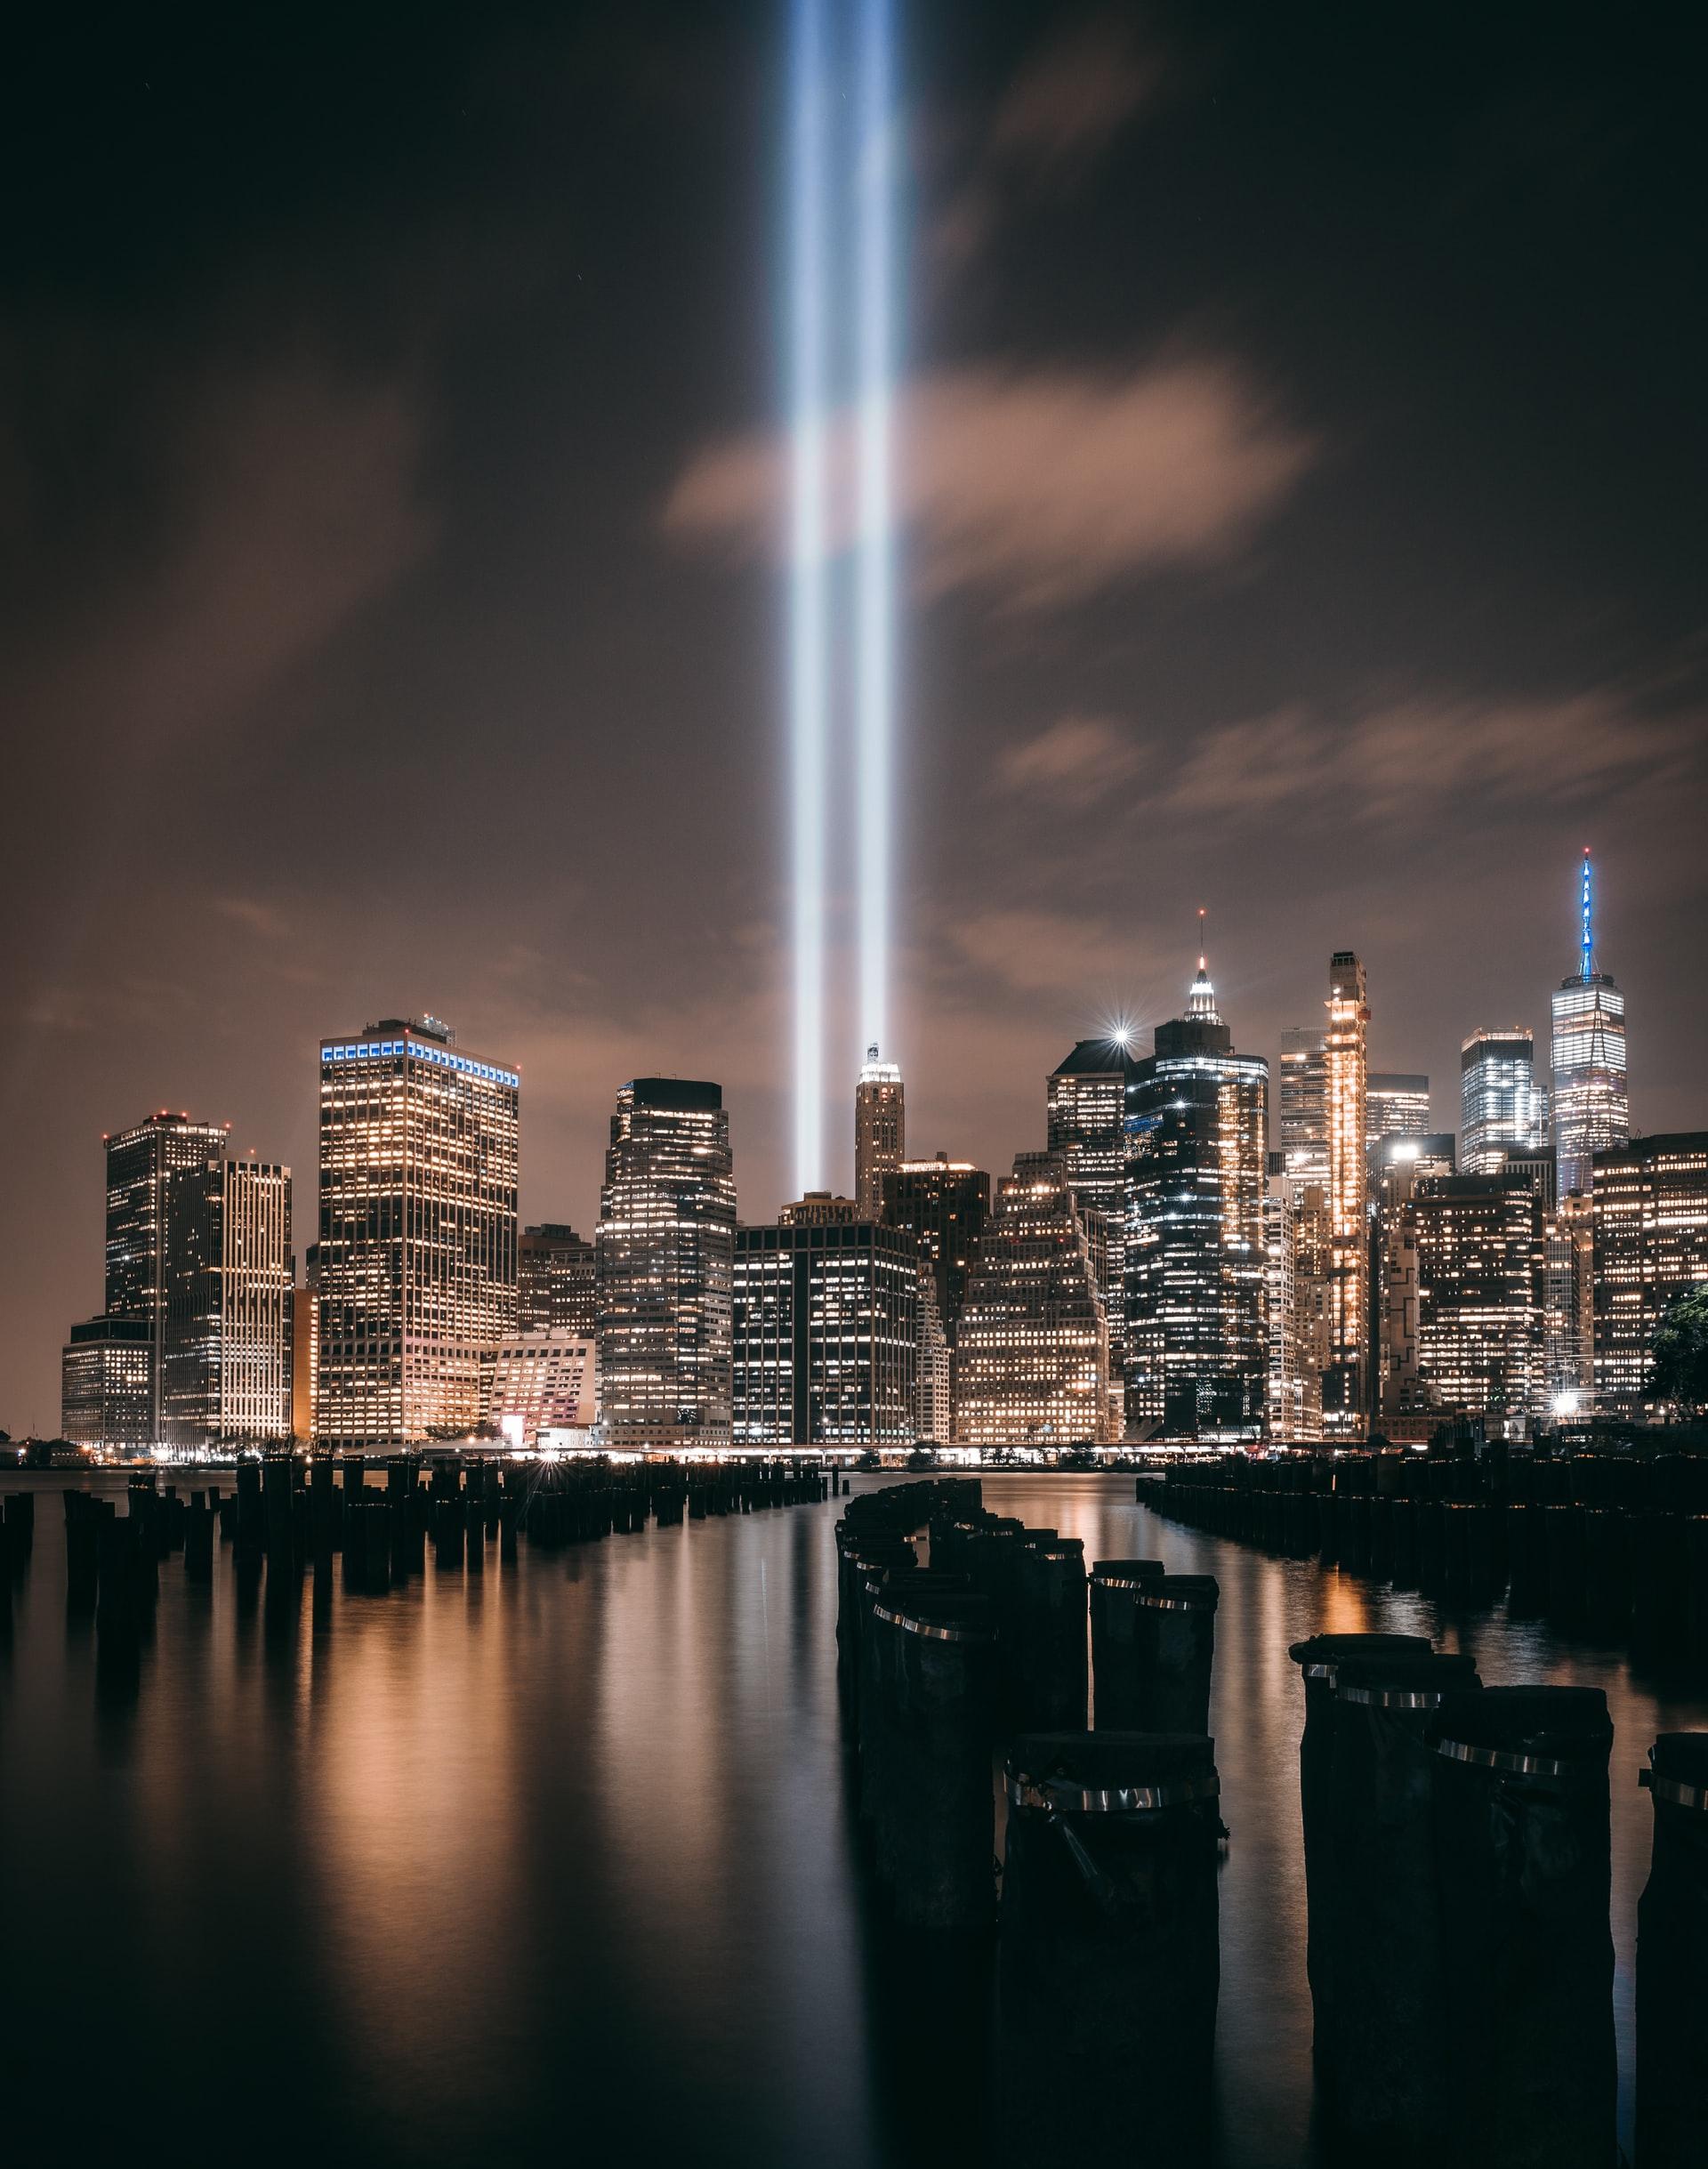 Teaching 9/11 Twenty Years Later